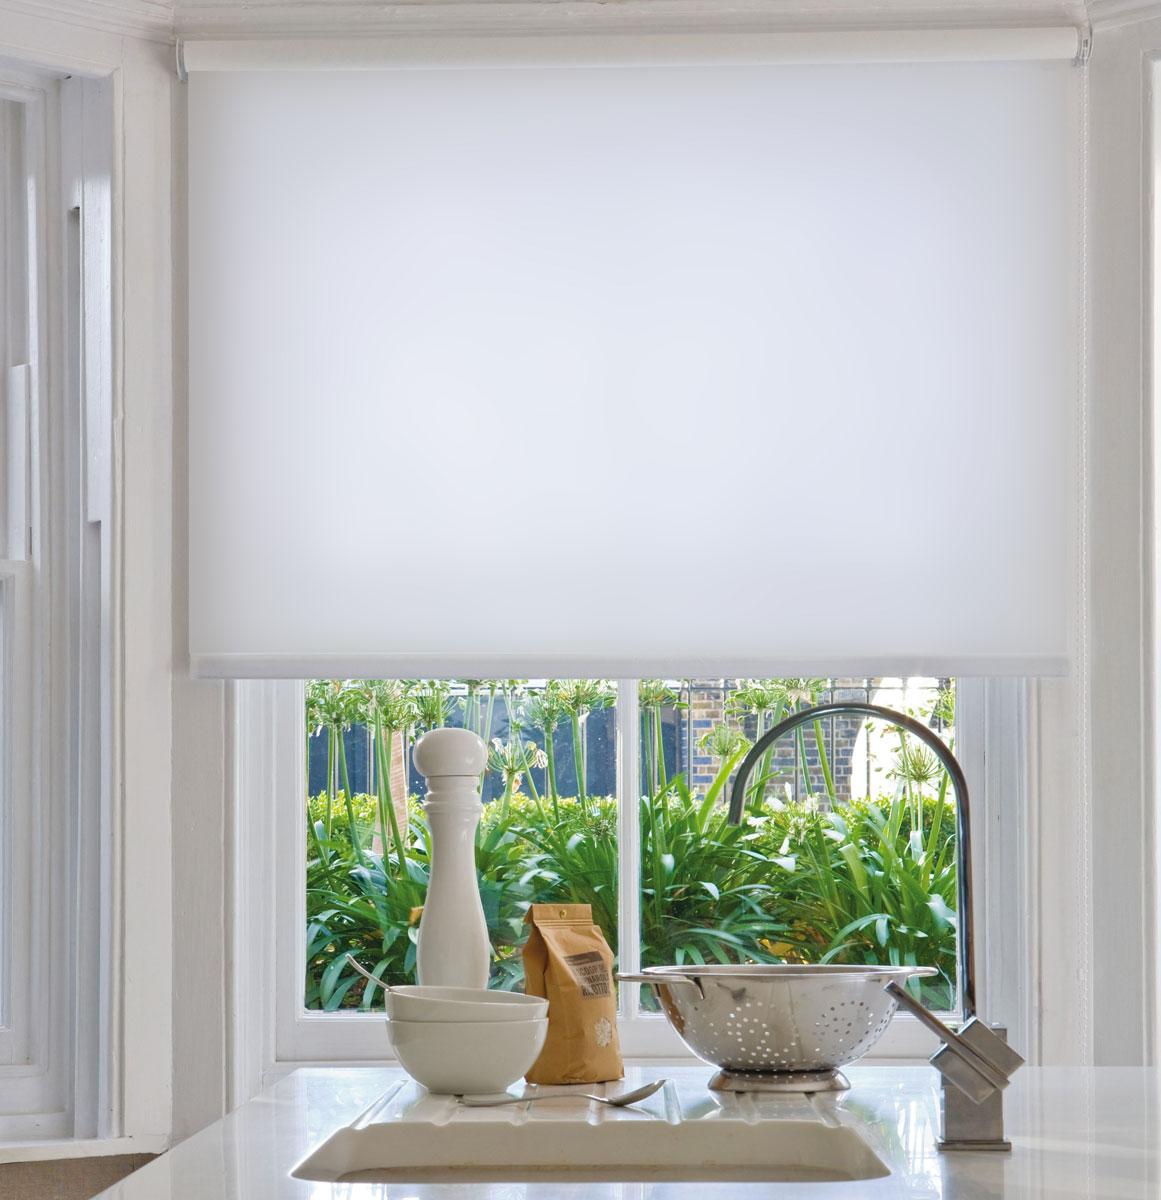 Миниролло KauffOrt 48х170 см, светонепроницаемая, цвет: белый94048007Рулонная штора Миниролло выполнена из высокопрочной полностью светонепроницаемой ткани белого цвета, которая сохраняет свой размер даже при намокании. Ткань не выцветает и обладает отличной цветоустойчивостью. Миниролло - это подвид рулонных штор, который закрывает не весь оконный проем, а непосредственно само стекло. Такие шторы крепятся на раму без сверления при помощи зажимов или клейкой двухсторонней ленты. Окно остаётся на гарантии, благодаря монтажу без сверления. Такая штора станет прекрасным элементом декора окна и гармонично впишется в интерьер любого помещения.